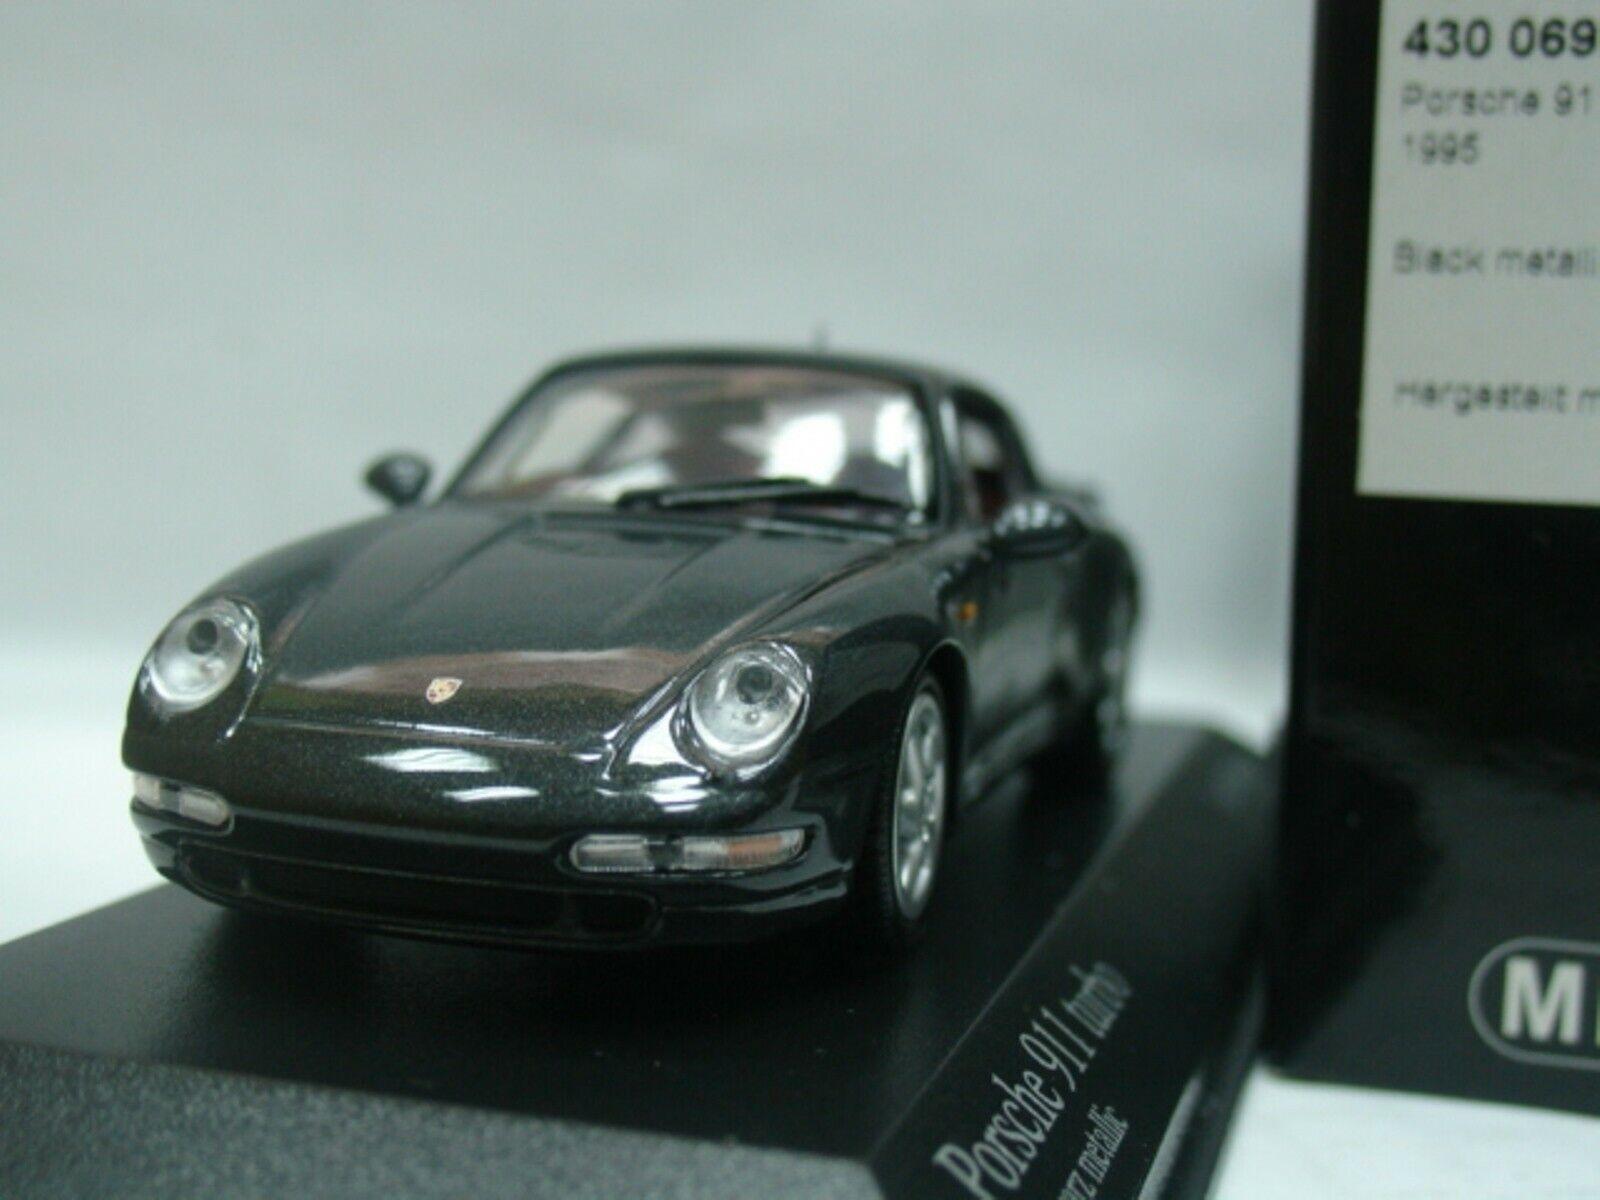 WOW estremamente RARA PORSCHE 993 911 Turbo 3.6L 1995 Nero 1:43 Minichamps-GT2/RSR